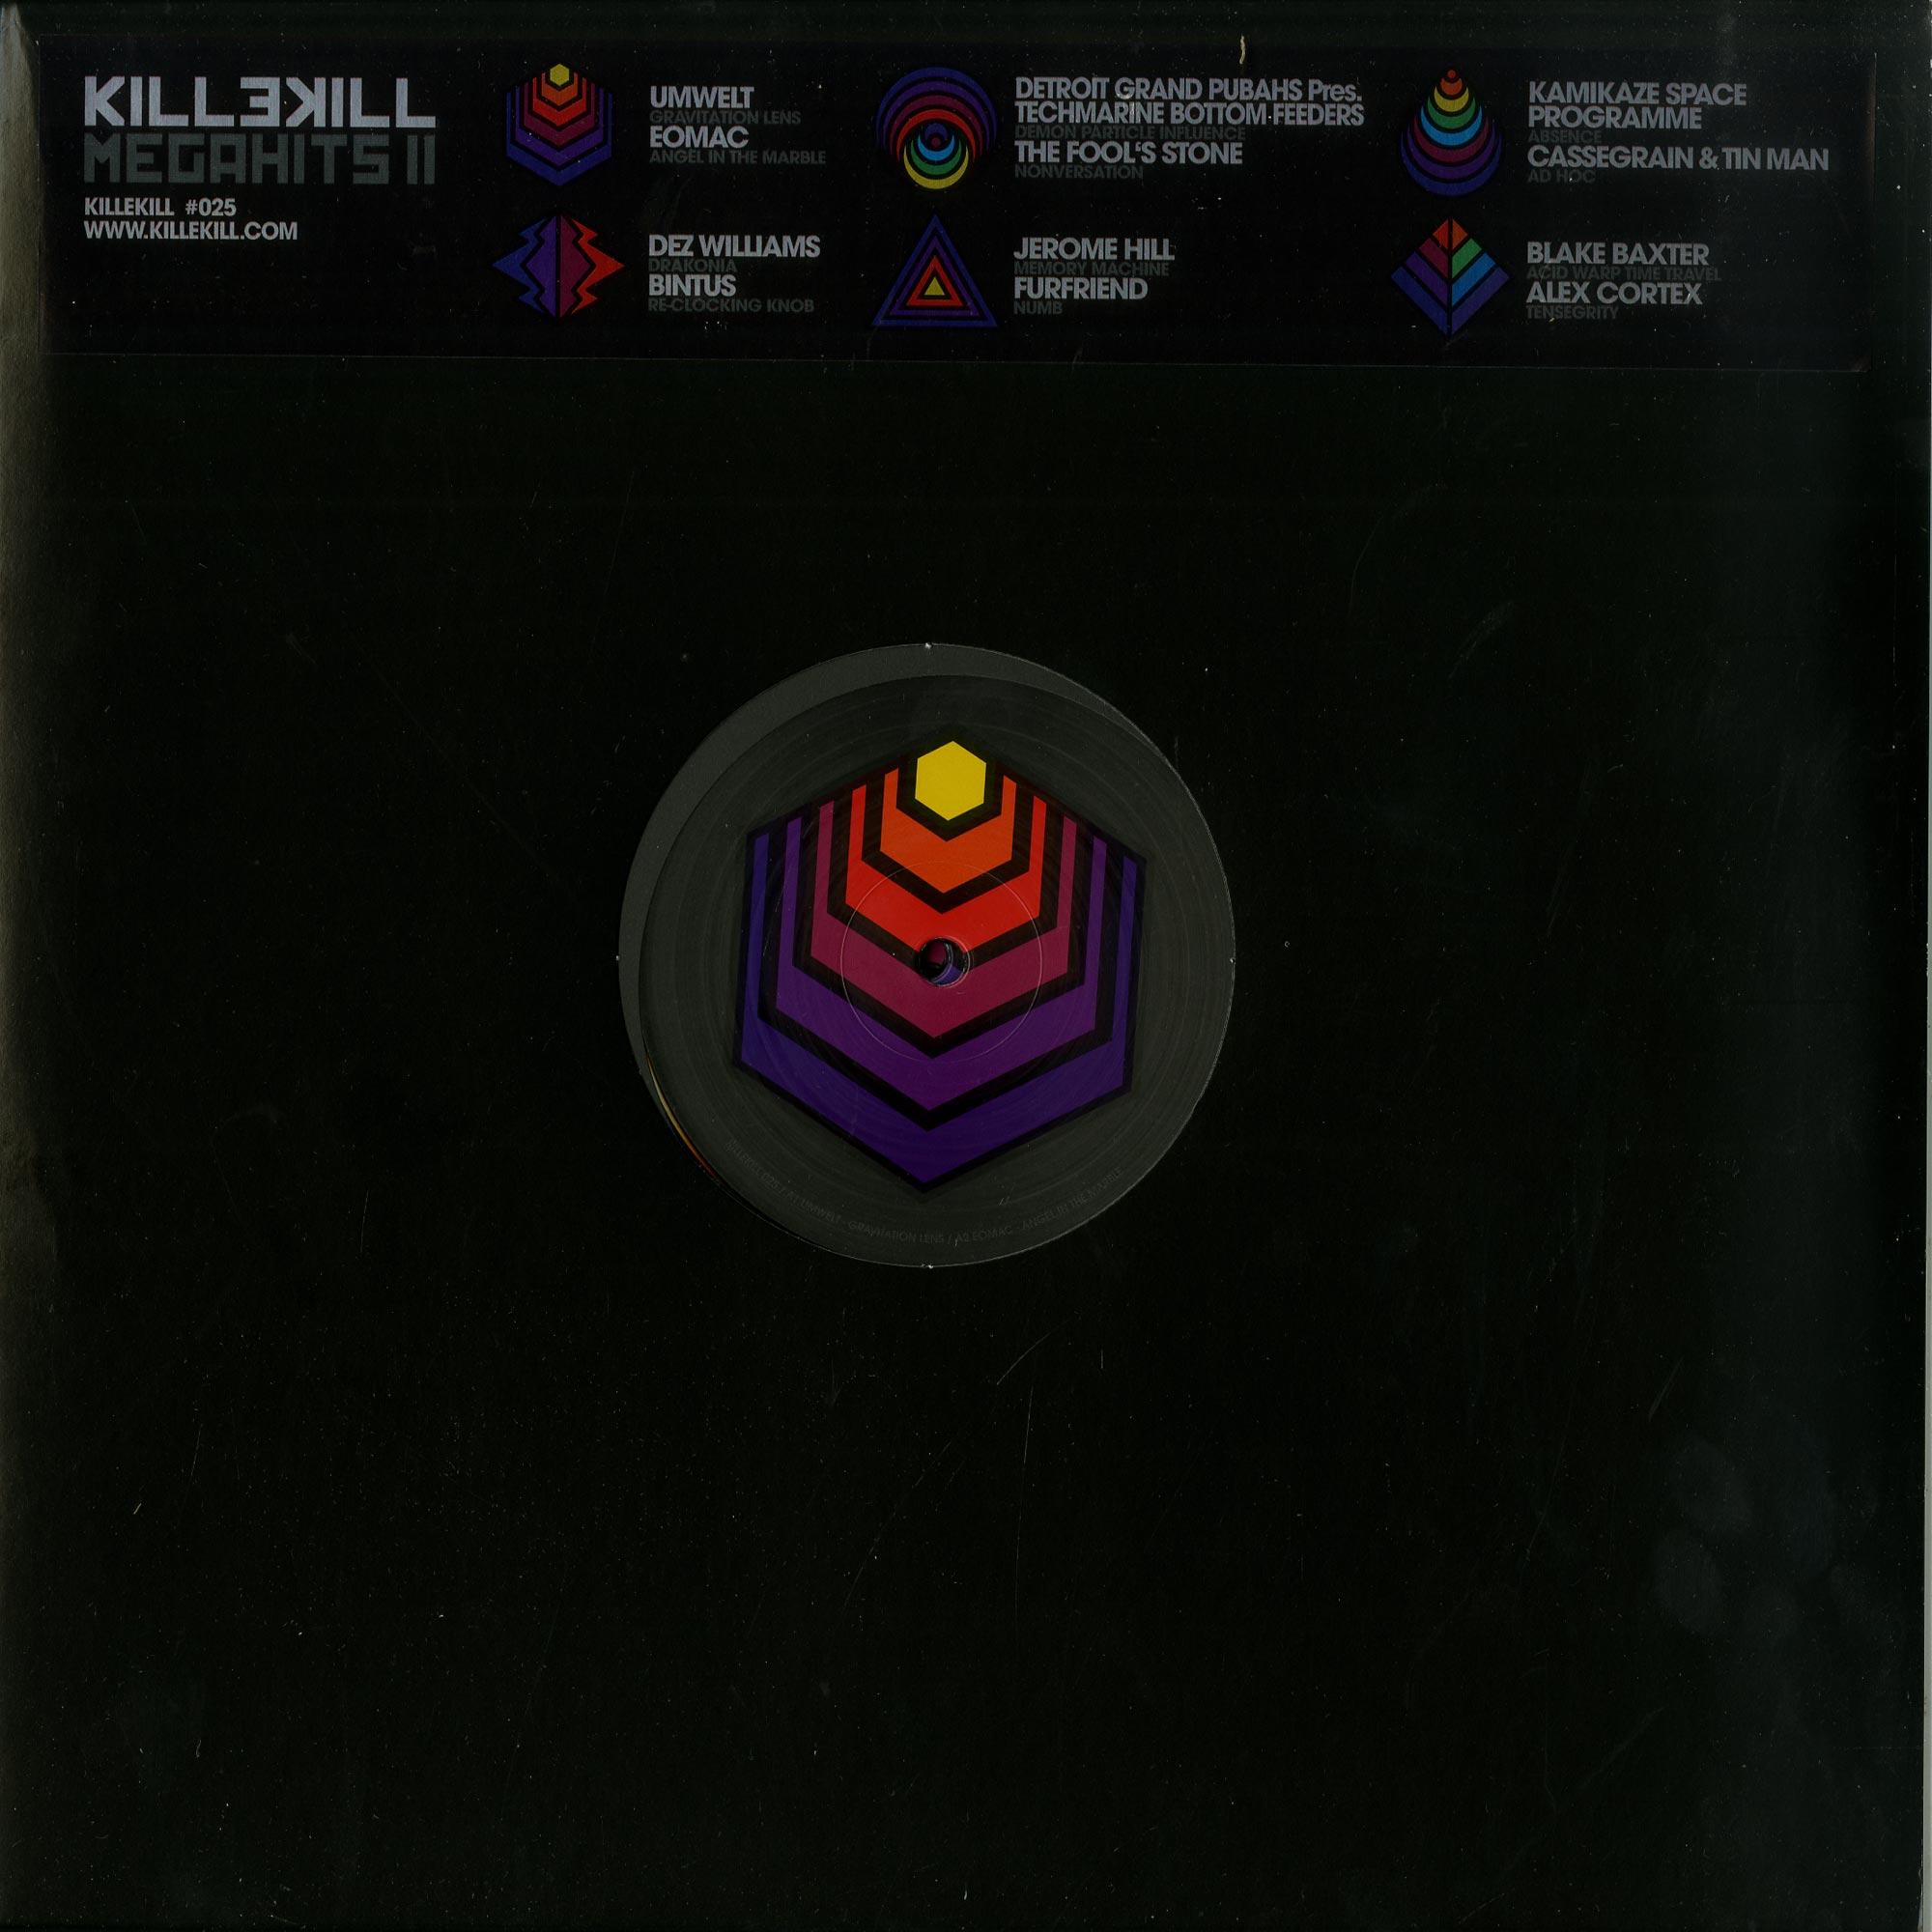 Various Artists - KILLEKILL MEGAHITS II